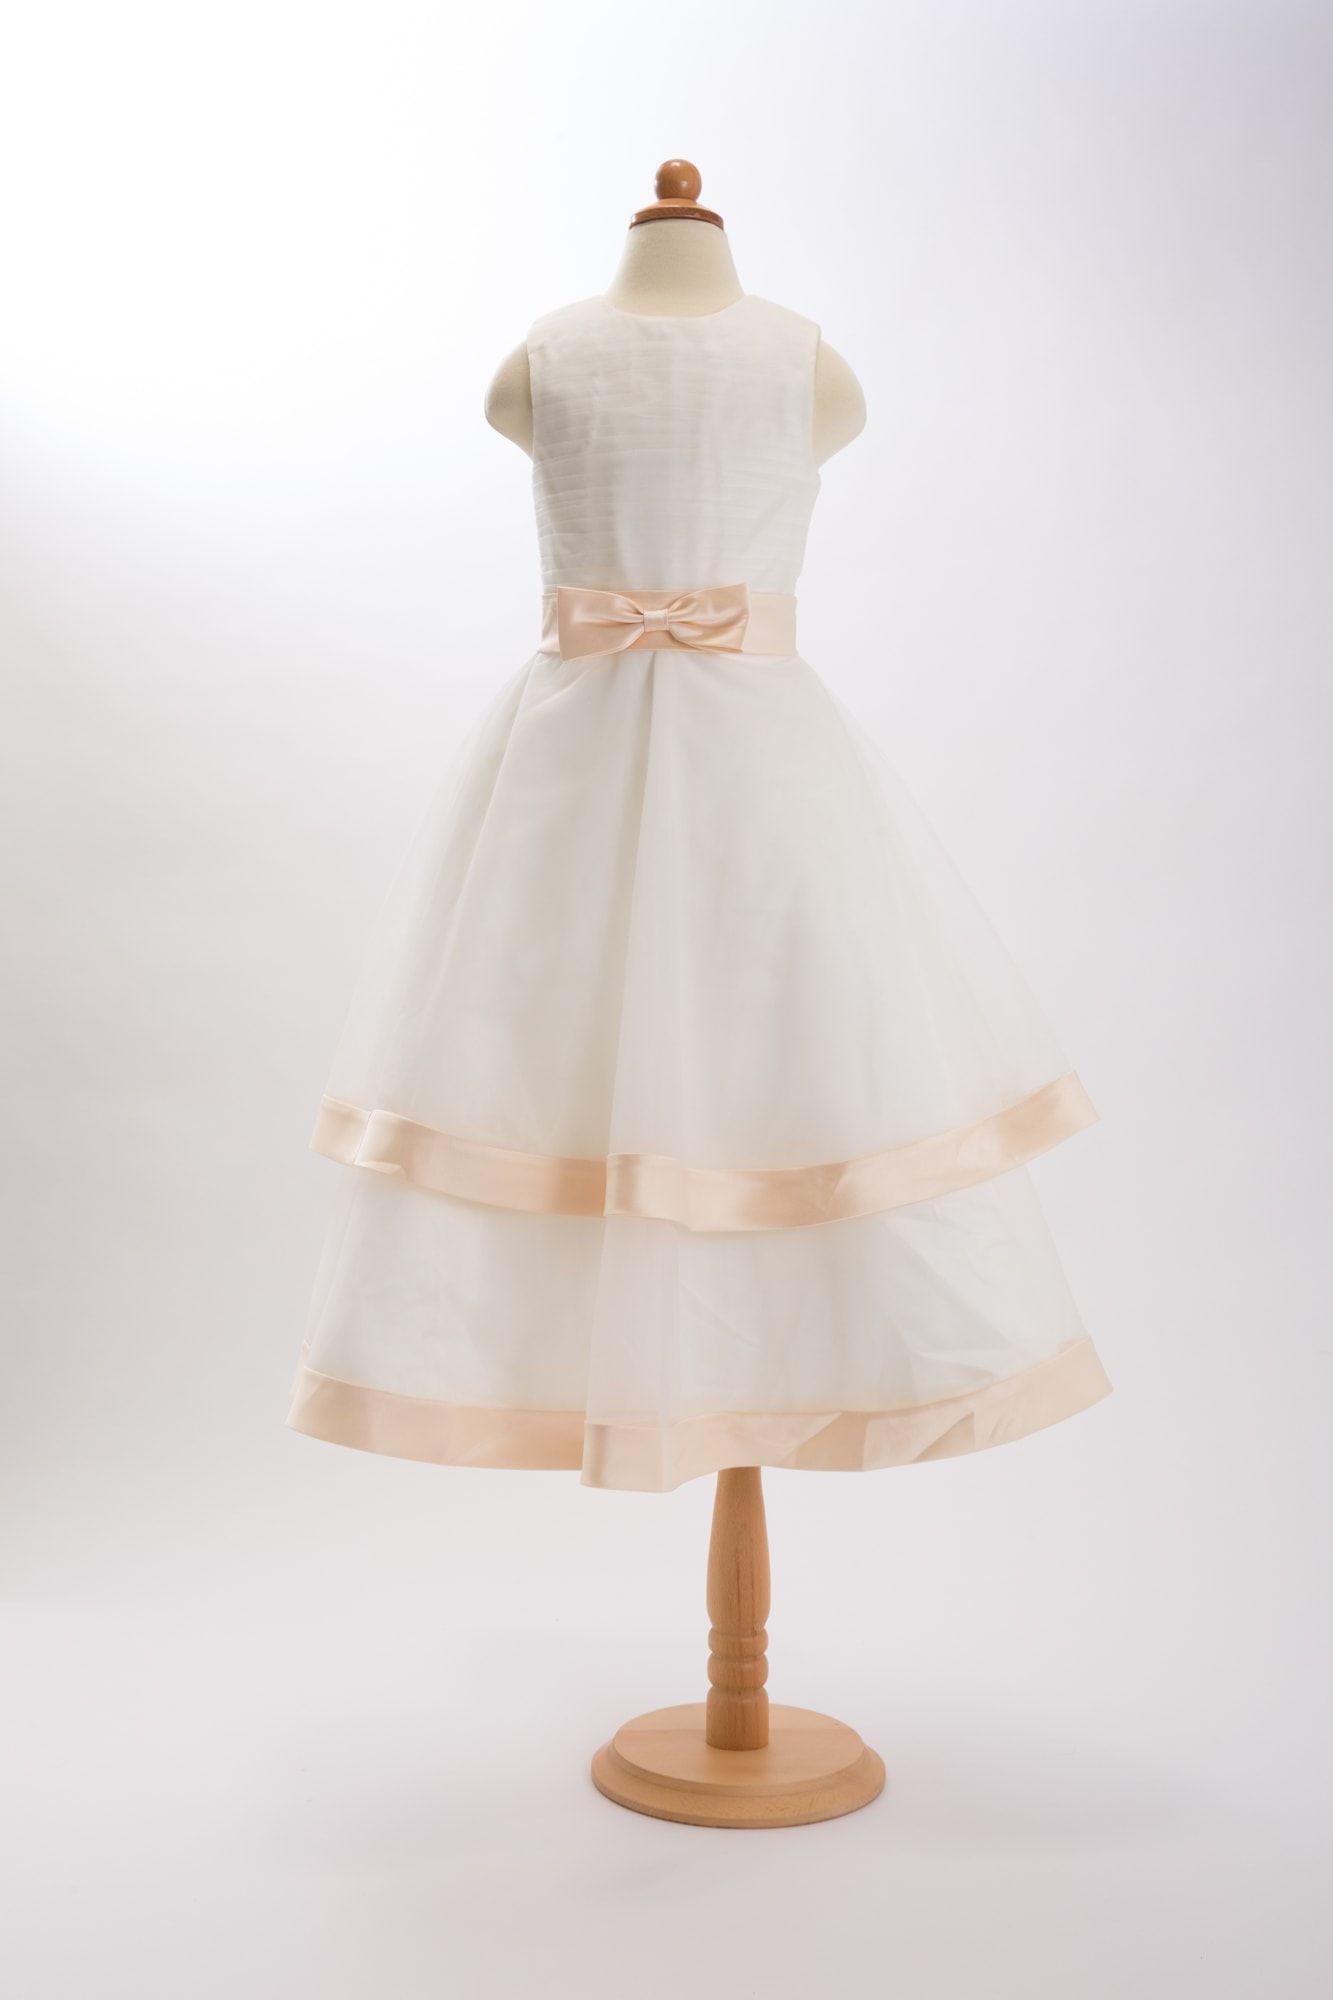 サテンリボントリミングドレス  ¥19,500(税込¥21,060)  2段になったスカートをサテンのリボンがトリミング。 波打つような立体的なシルエットを生み出します。 ホワイトチュールにシャンパンカラーのリボンが品の良いカラーリングです。